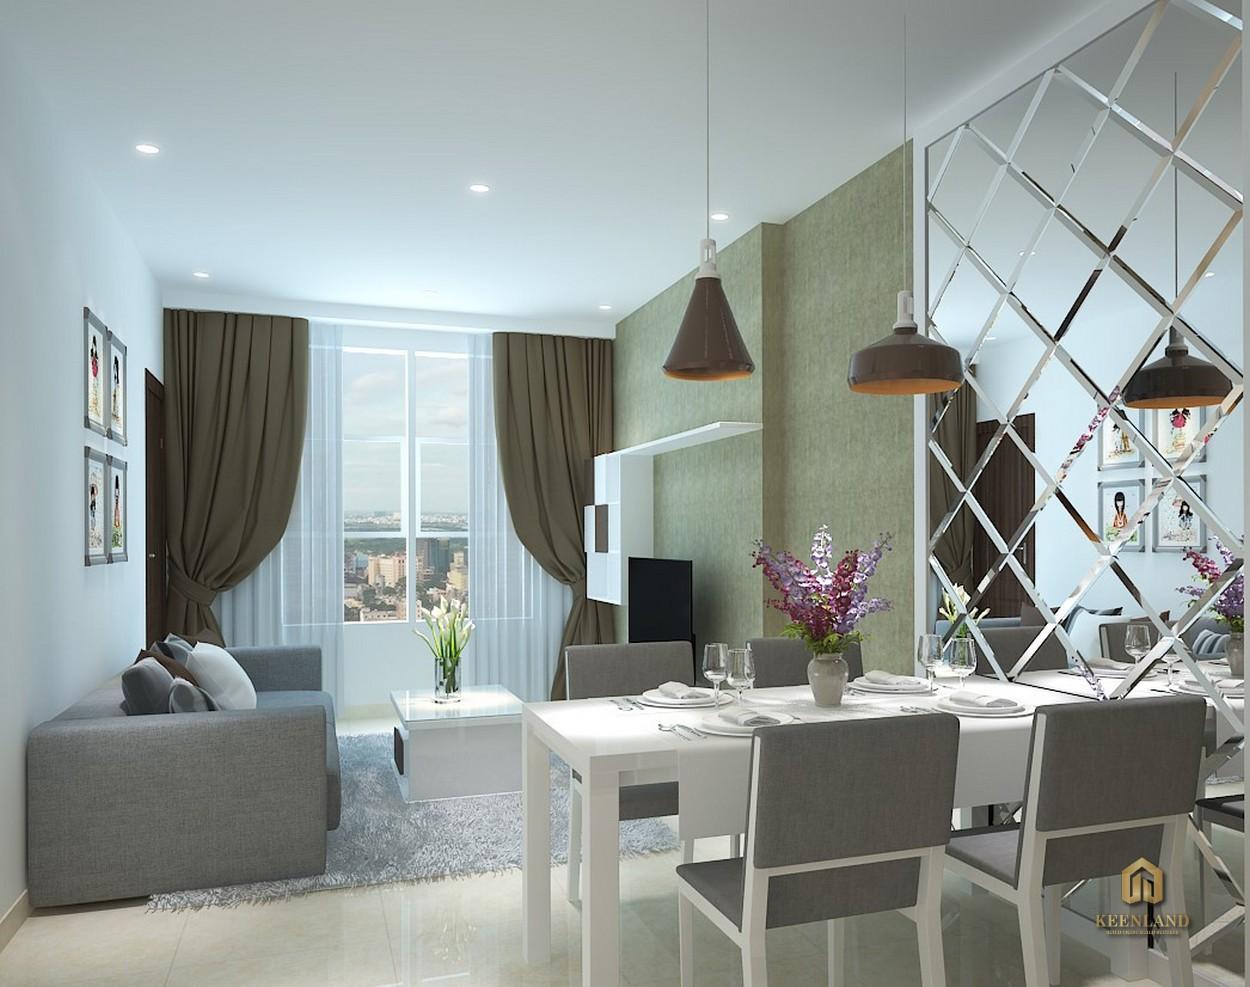 Thiết kế nhà ăn căn hộ mẫu Icon 56